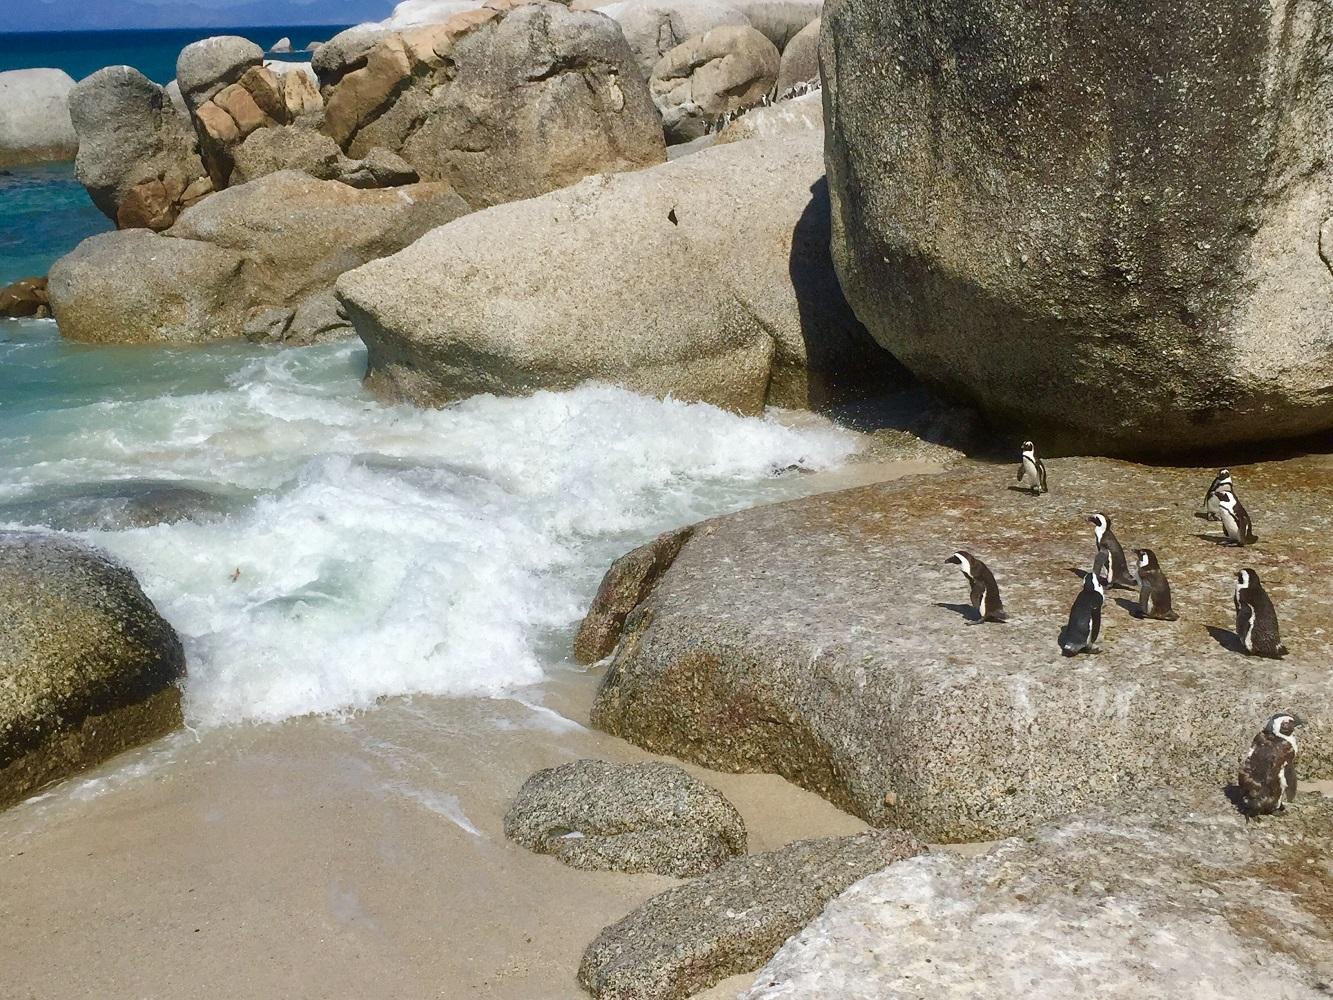 Mein Schiff Ausflug: Pinguine am Boulders Beach in Südafrika